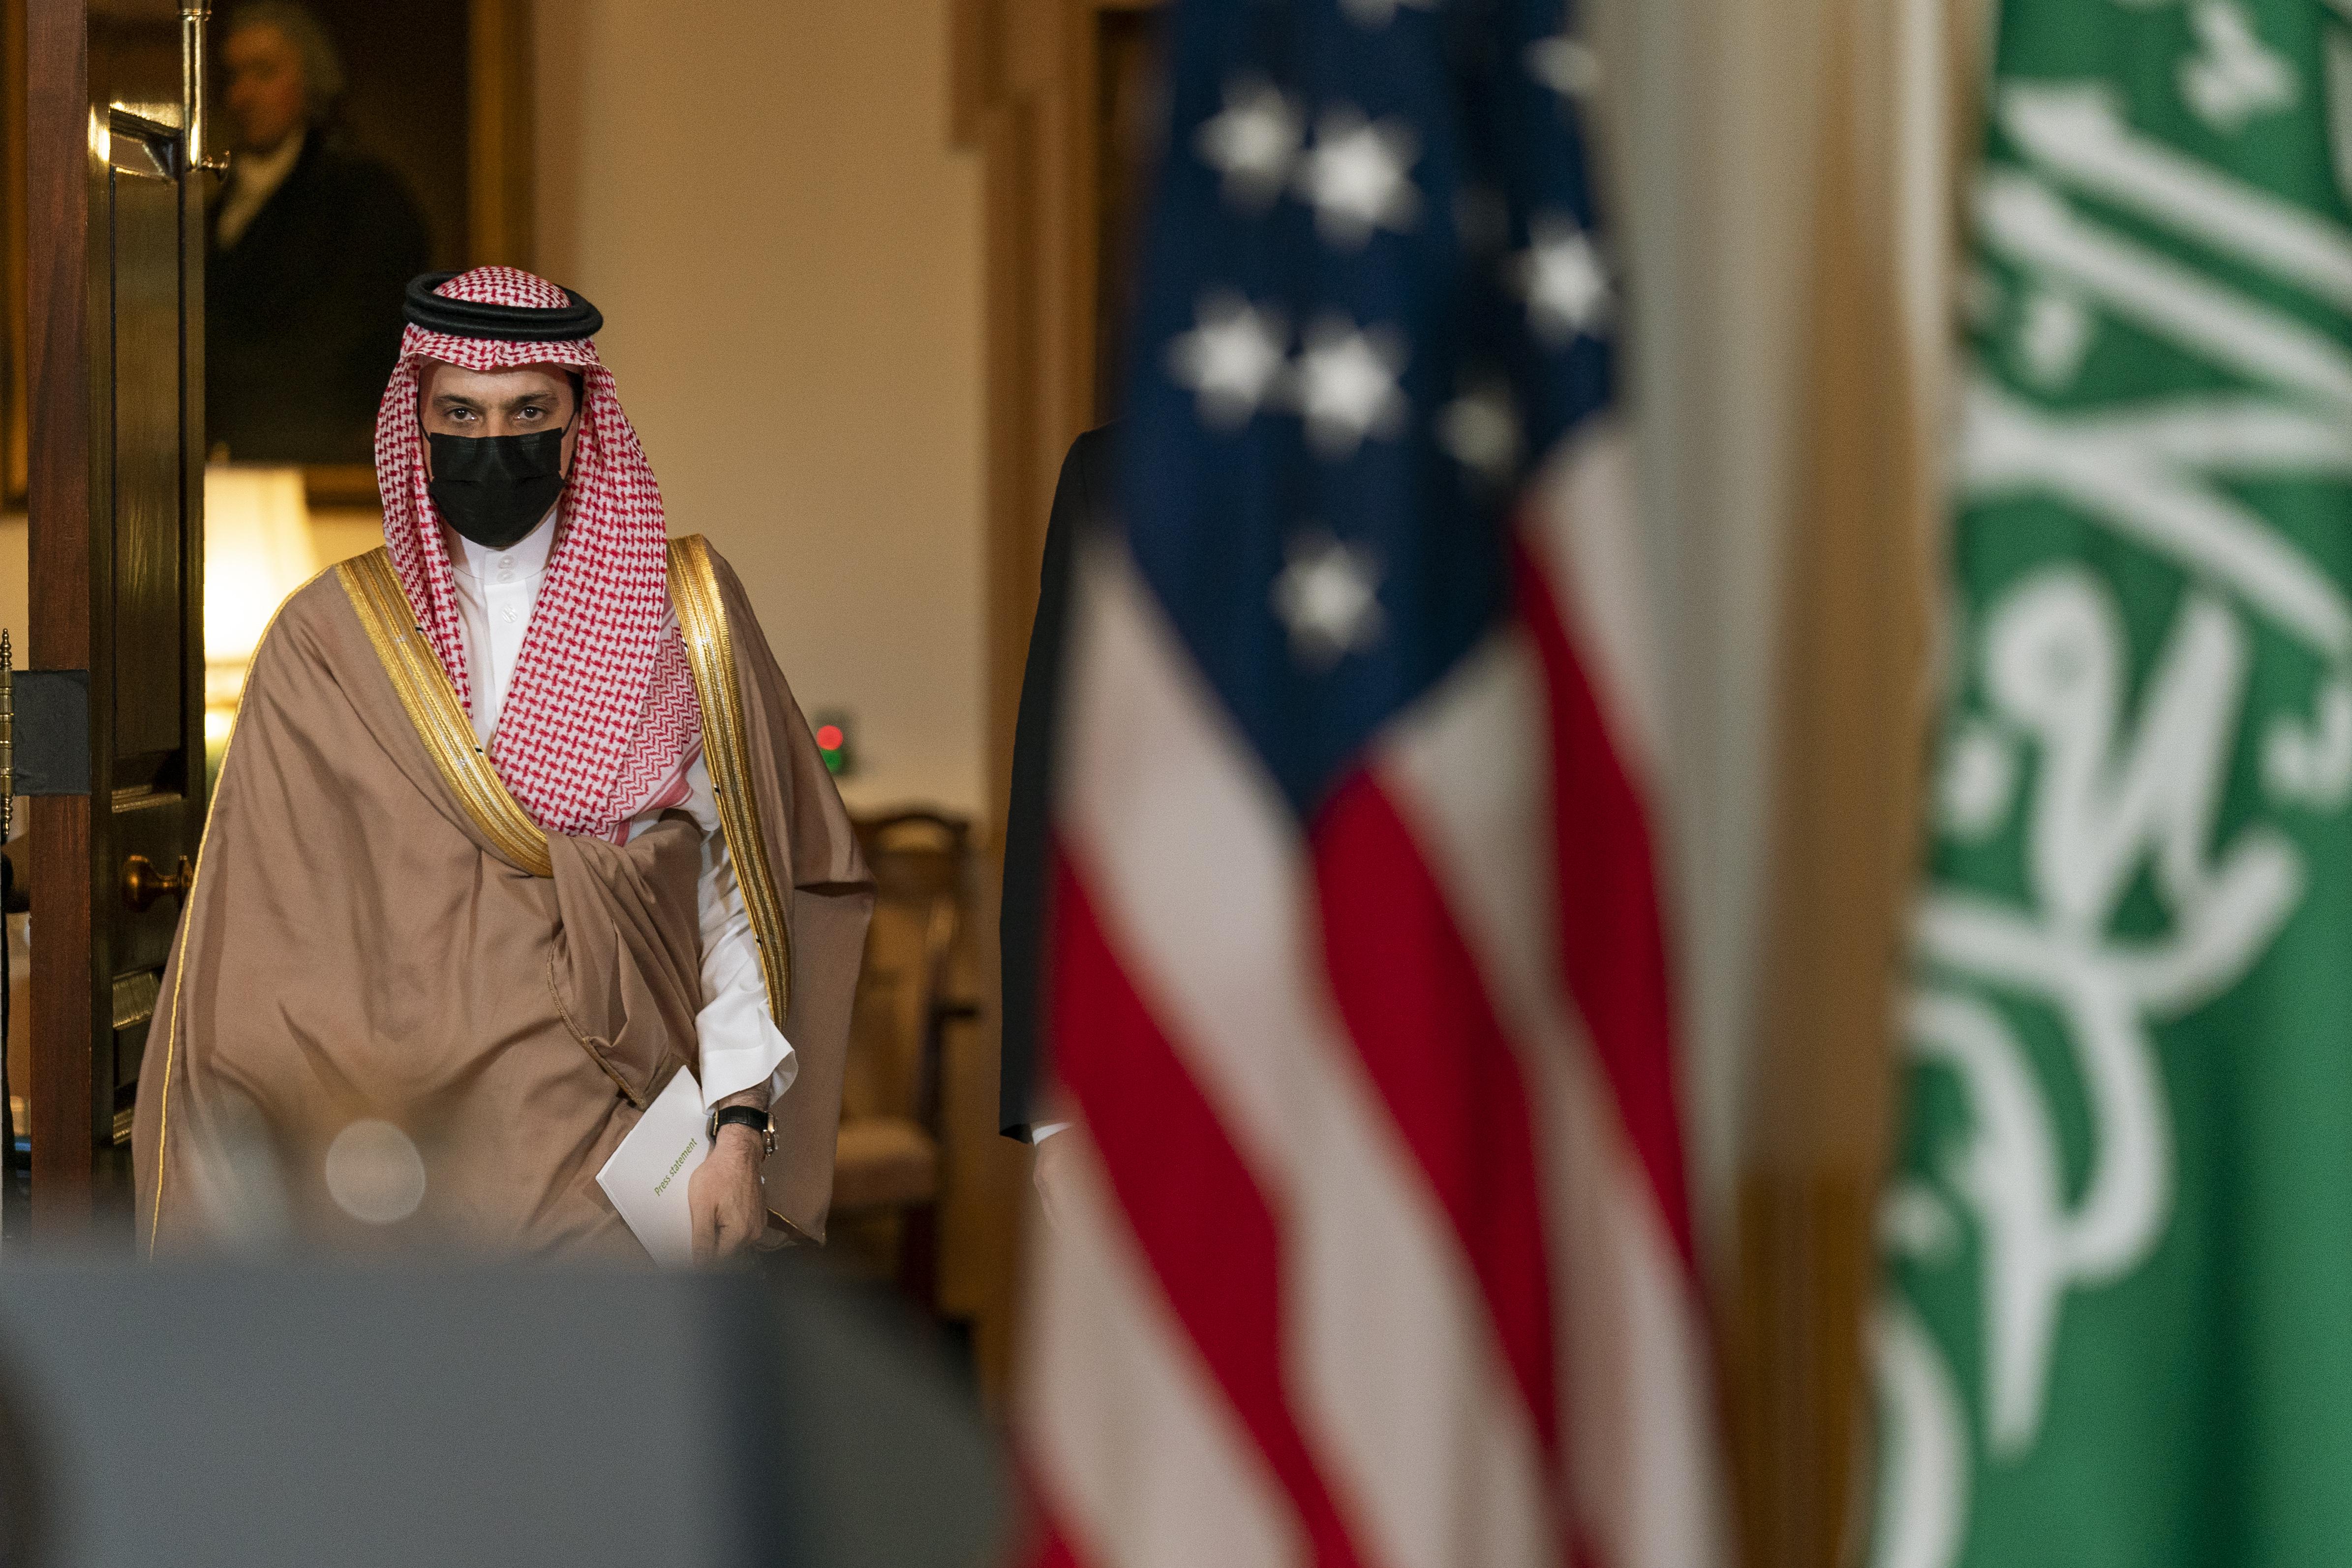 السعودية تبدي استعدادها للمشاركة في مباحثات الاتفاق النووي